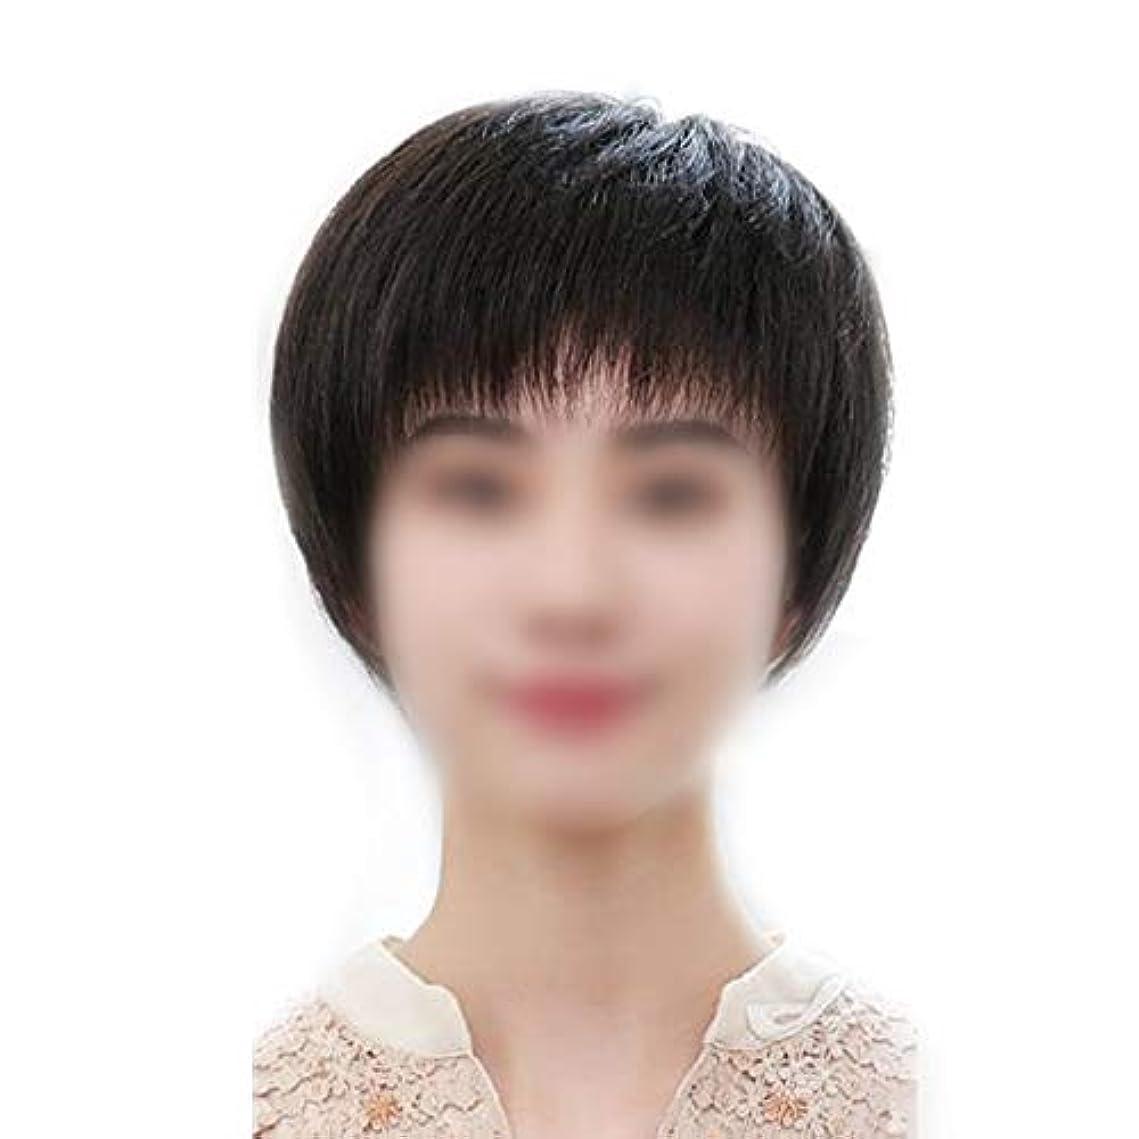 大人短命ギャラリーYOUQIU 女子ショートヘアのフルハンド織実ヘアウィッグ現実的な自然に見えるウィッグ (色 : Dark brown)